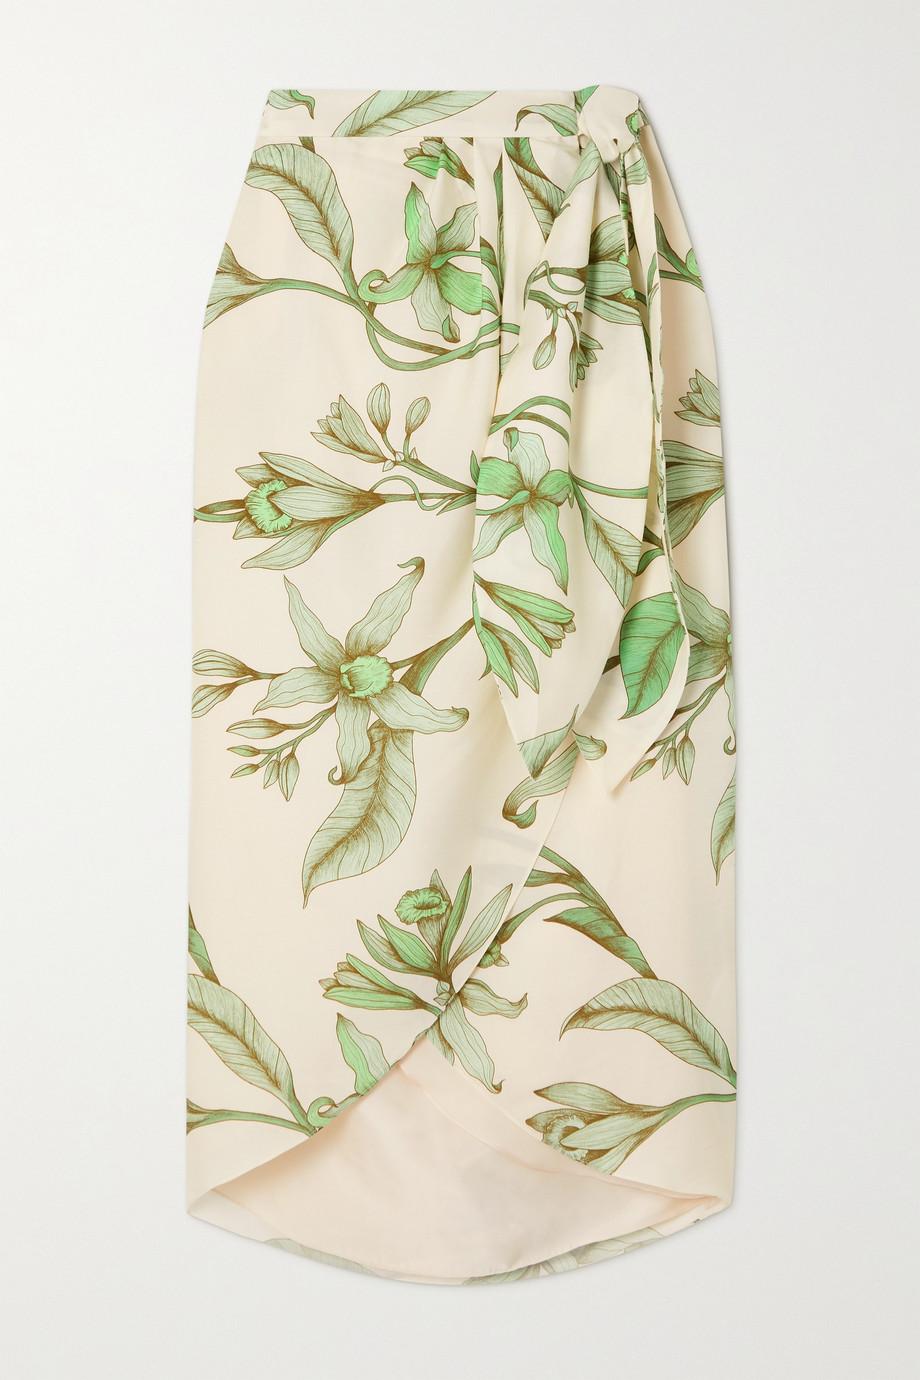 Johanna Ortiz Jupe portefeuille en serge de TENCEL à imprimé fleuri Botanist Guide